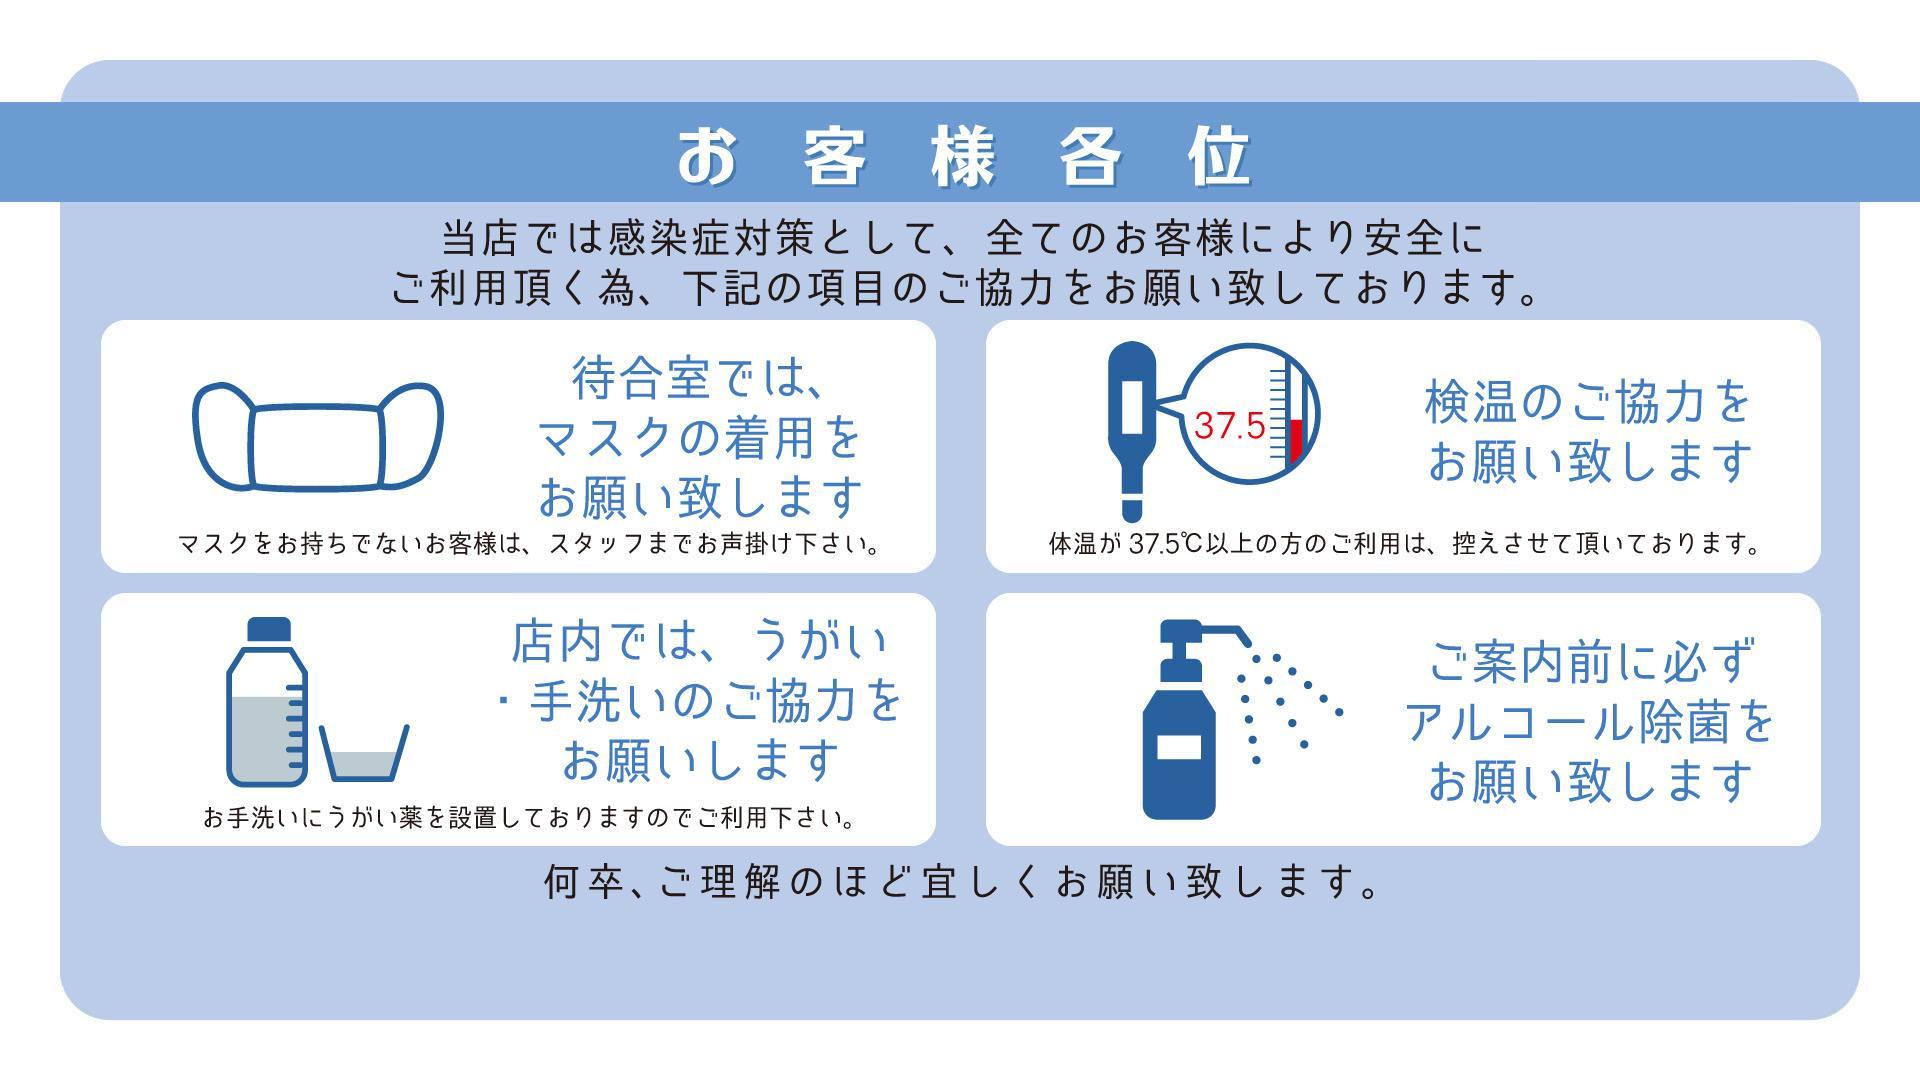 博多・中洲風俗 ソープ ティアモ - Ti Amo - コロナ対策の徹底にご協力をお願い致しております